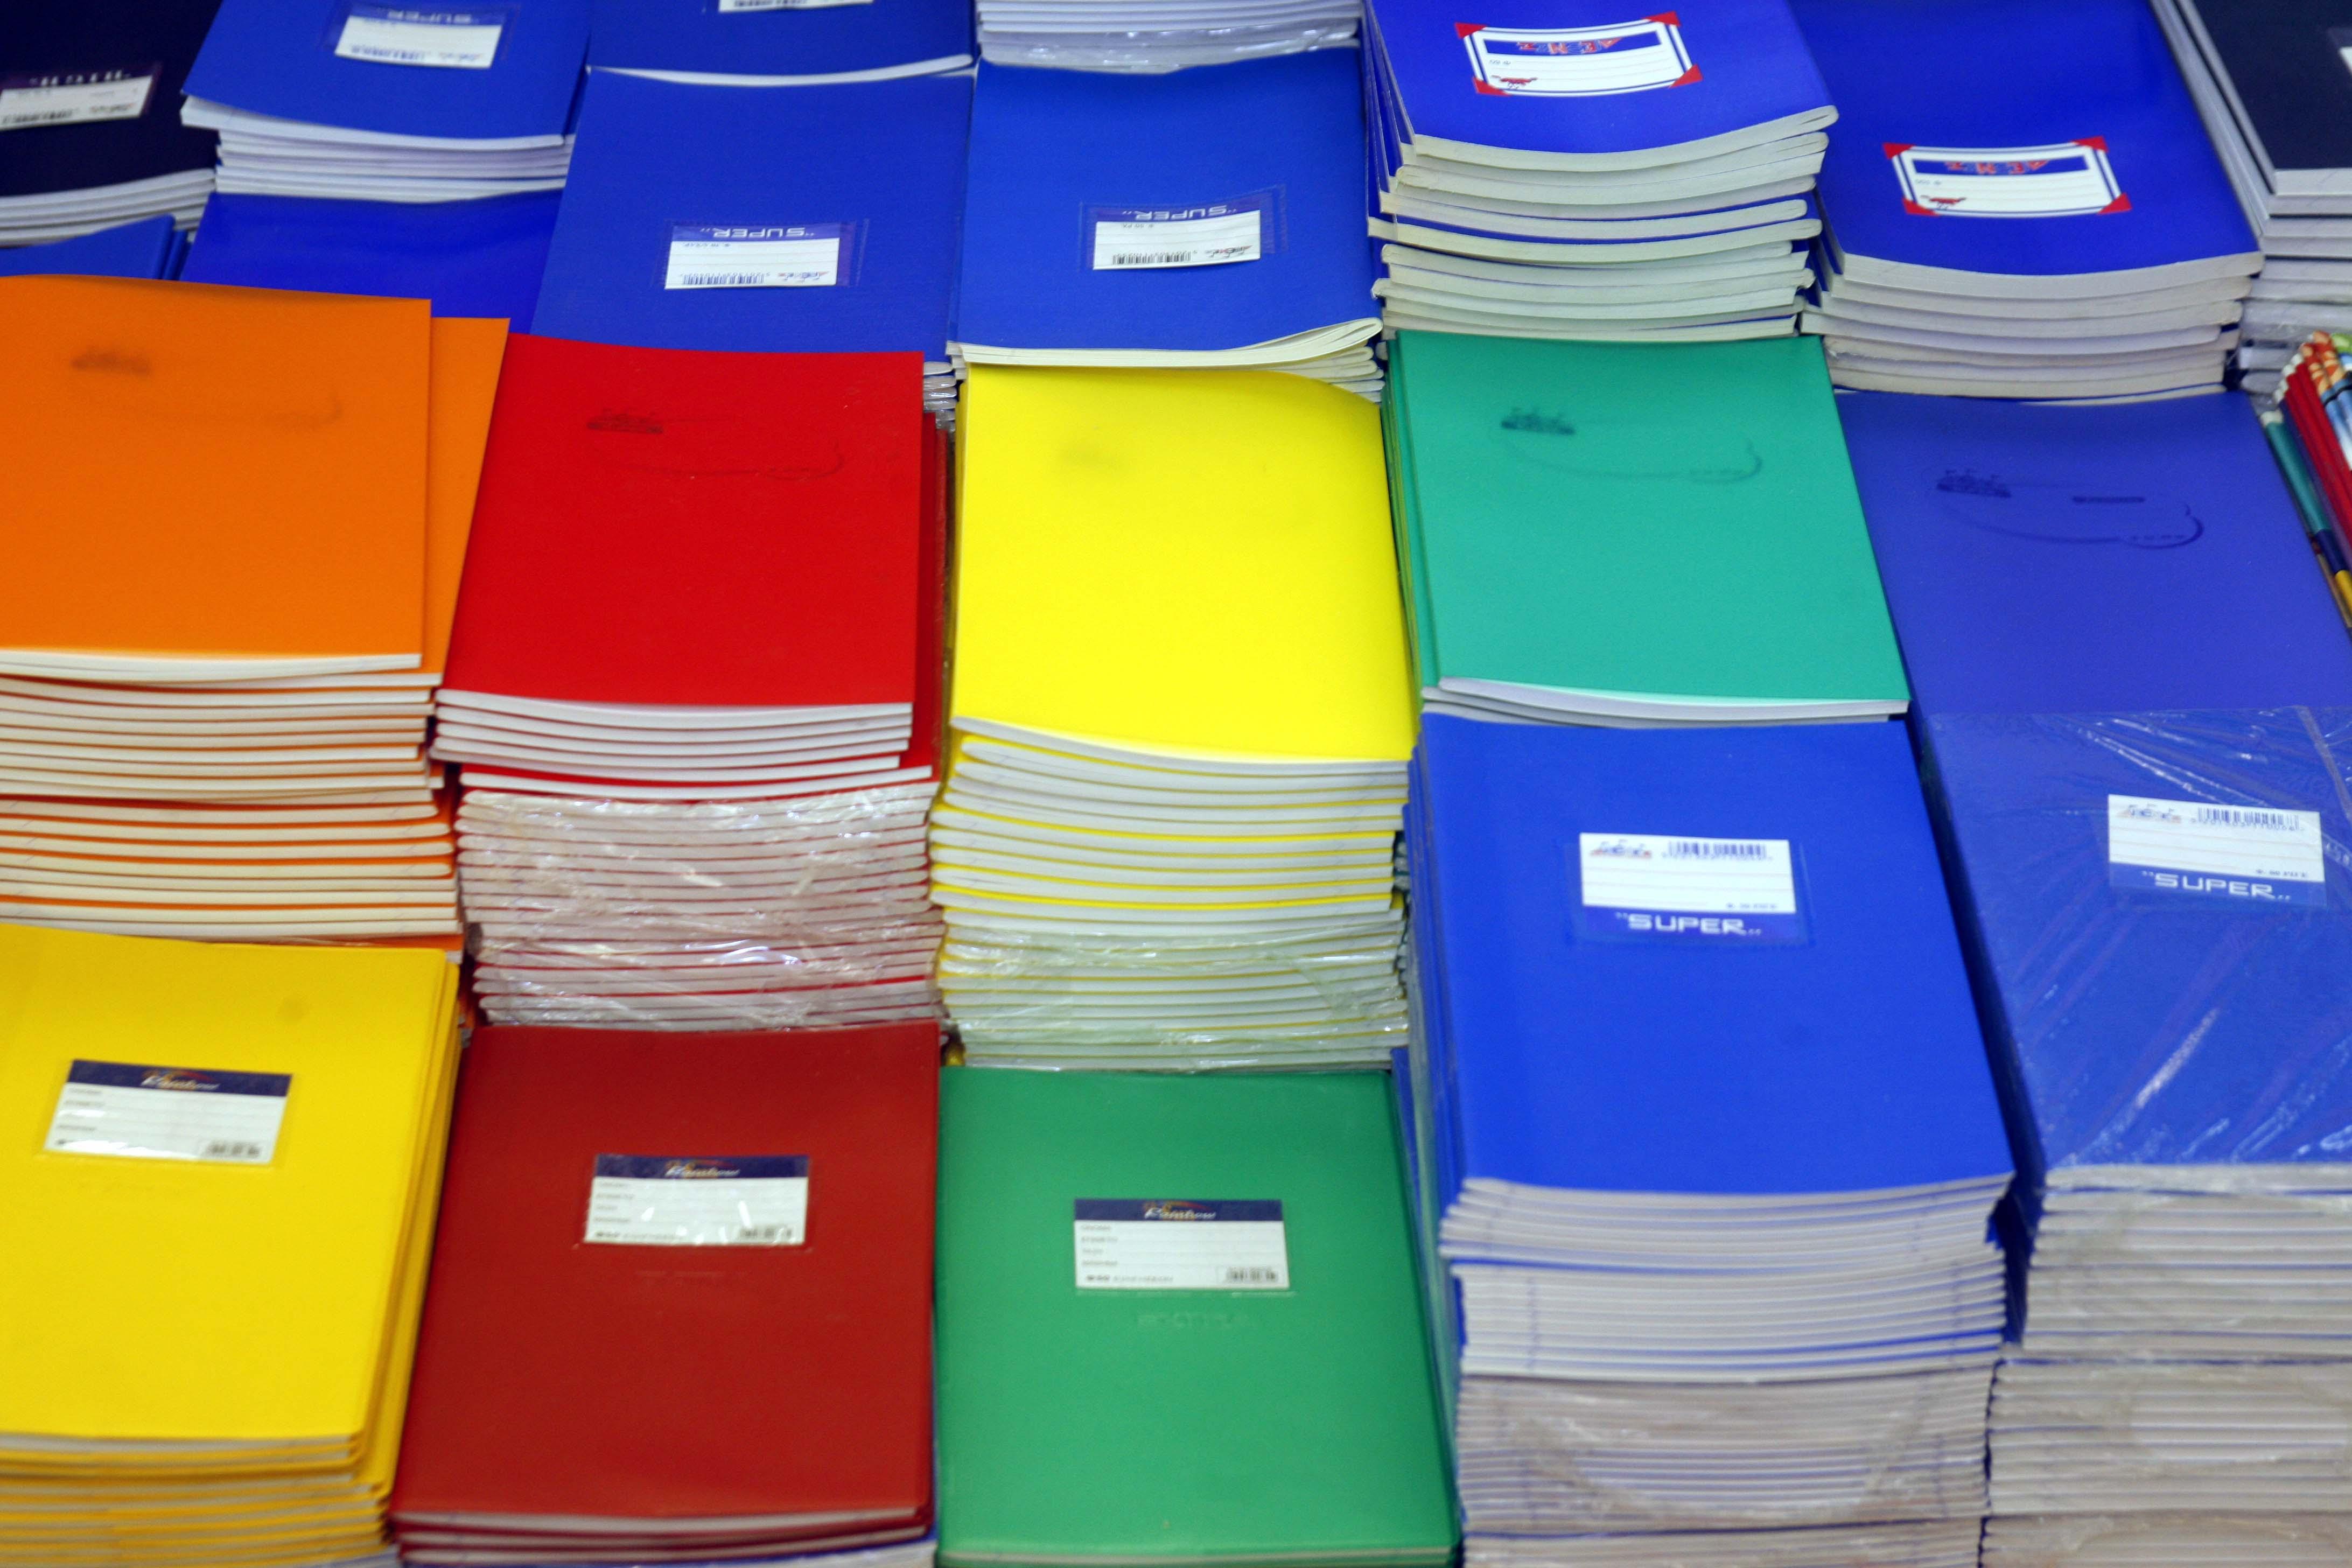 a3a5dc11ef3 Στον κλάδο της κατασκευής χαρτικών και σχολικών ειδών έχουν παραµείνει  λιγότερες από πέντε ελληνικές εταιρείες.Στον κλάδο της σχολικής τσάντας οι  ...